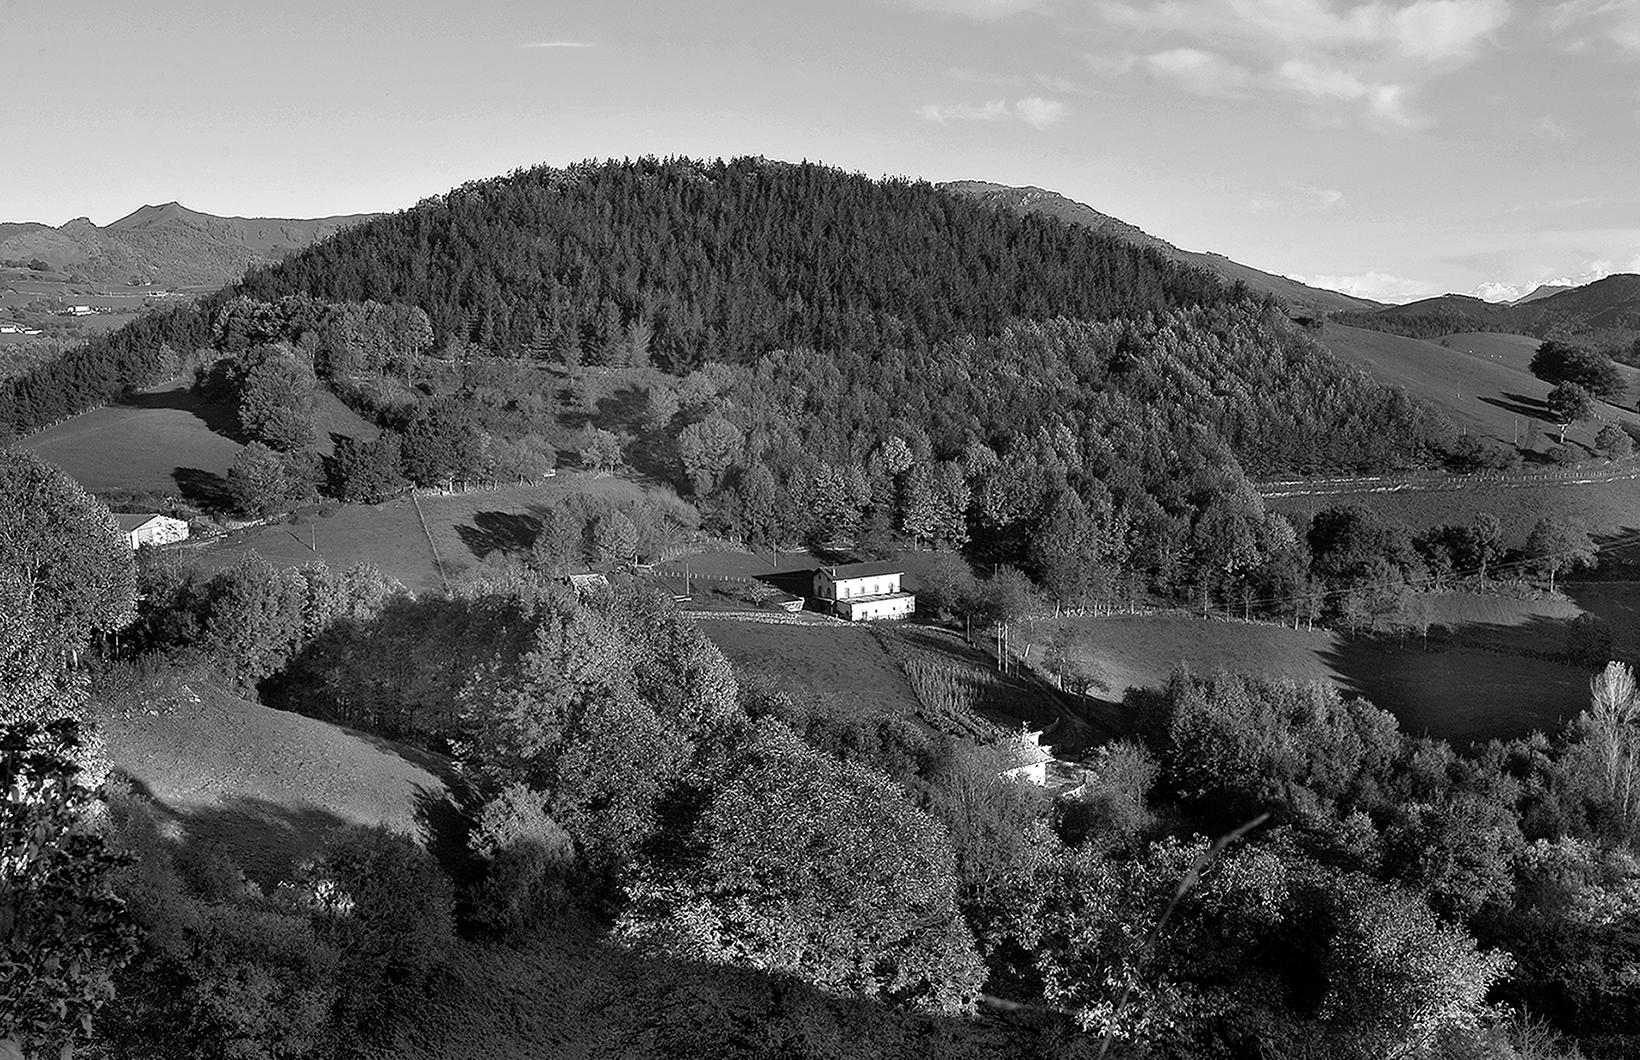 La casa blanca del bosque